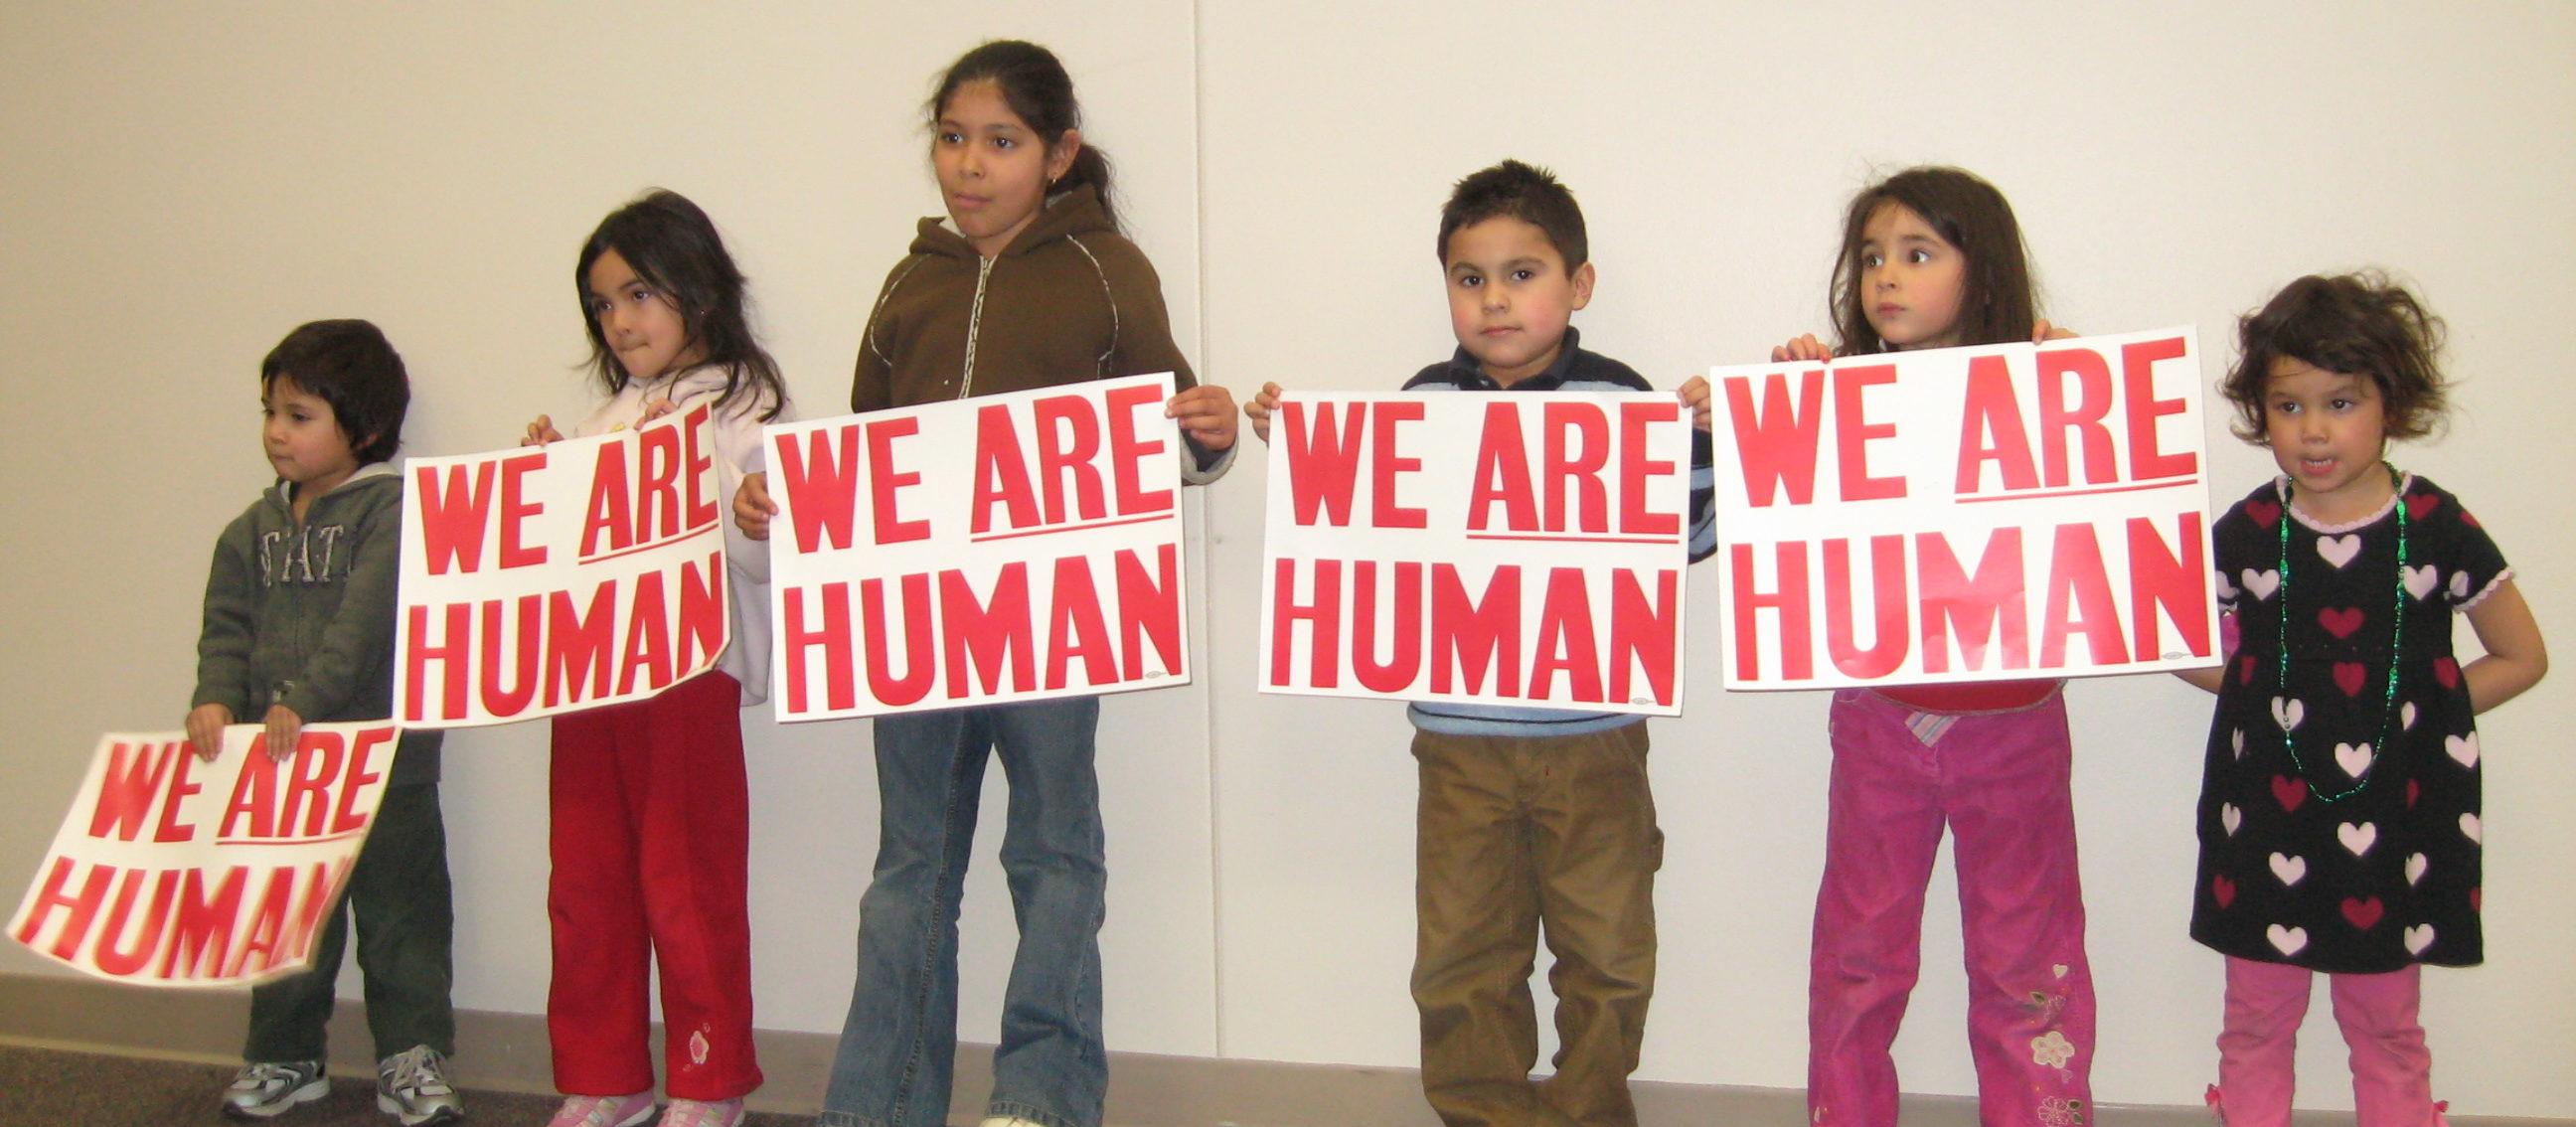 immigrant-children-e1489015839431.jpg